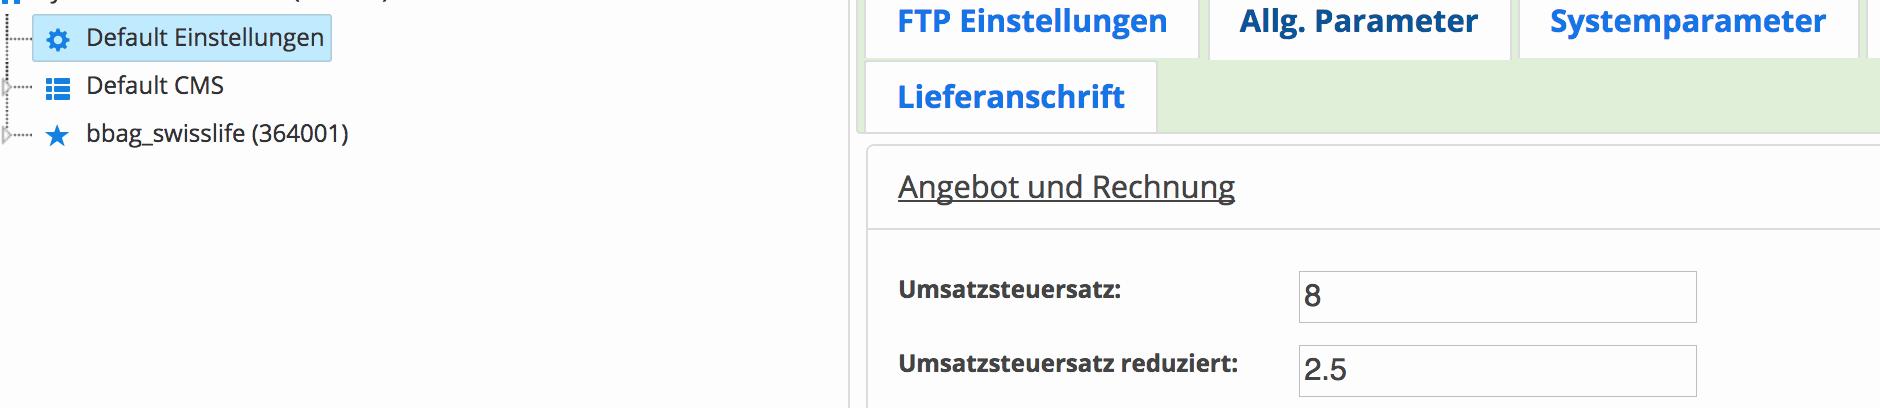 änderung Der Umsatzsteuer In Der Schweiz Ab 112018 Plusw Homepage